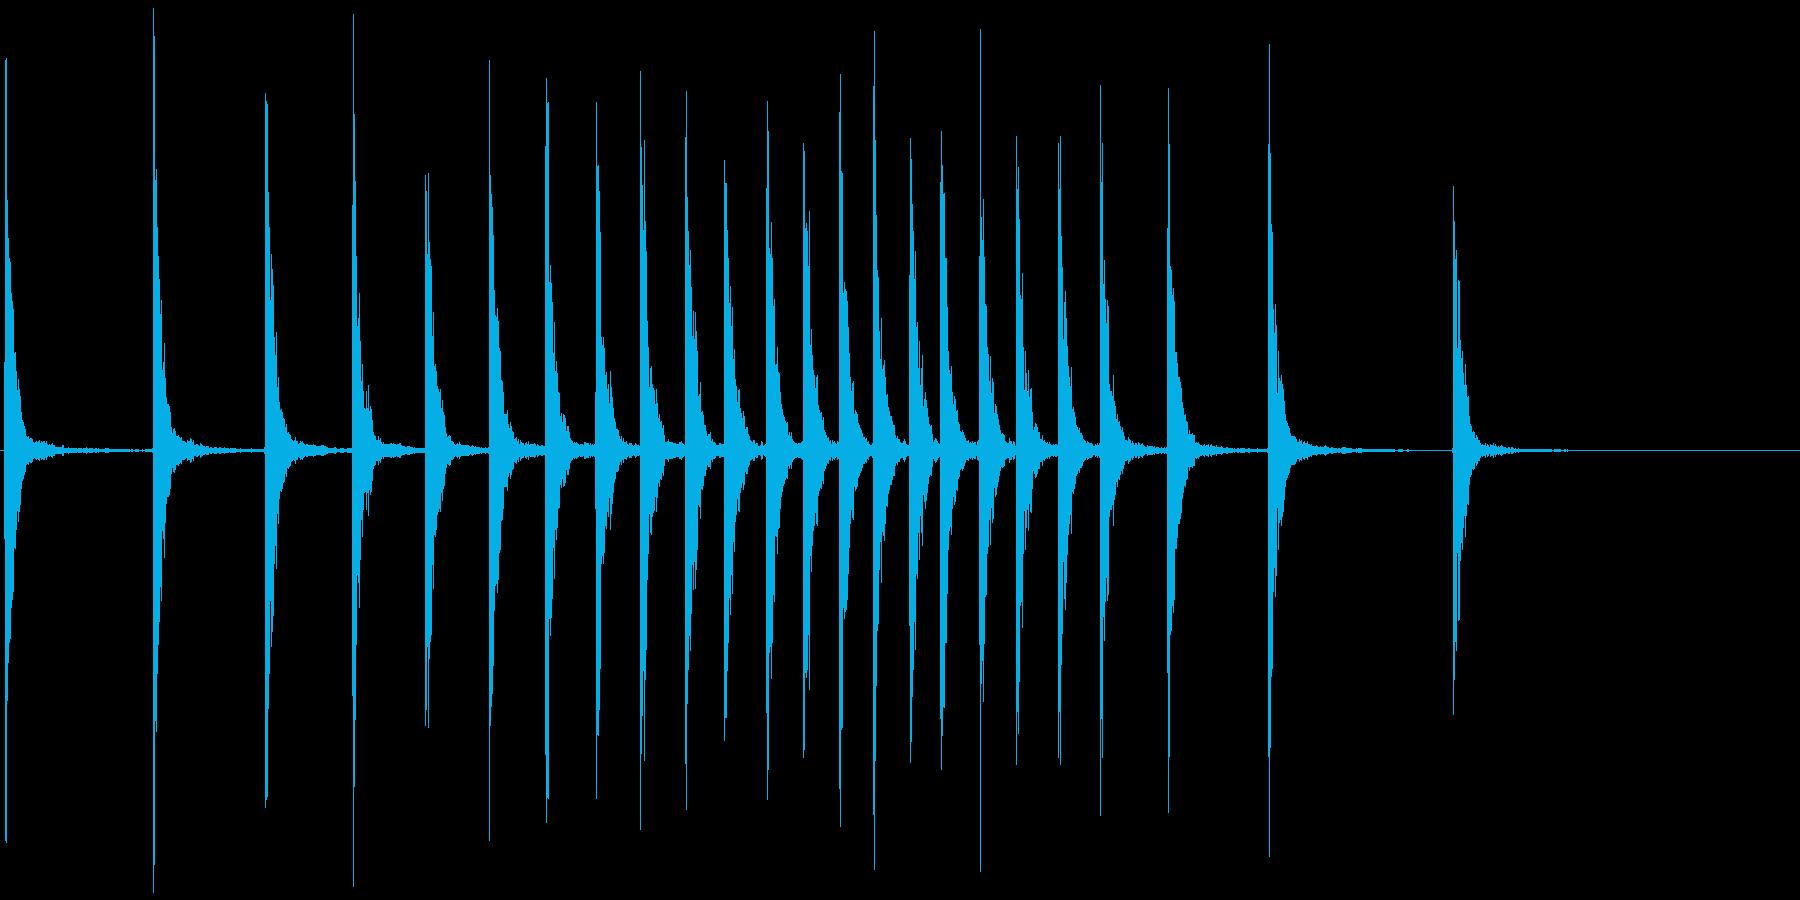 シンセ拍子木_ロール(紙芝居、呼び込み)の再生済みの波形